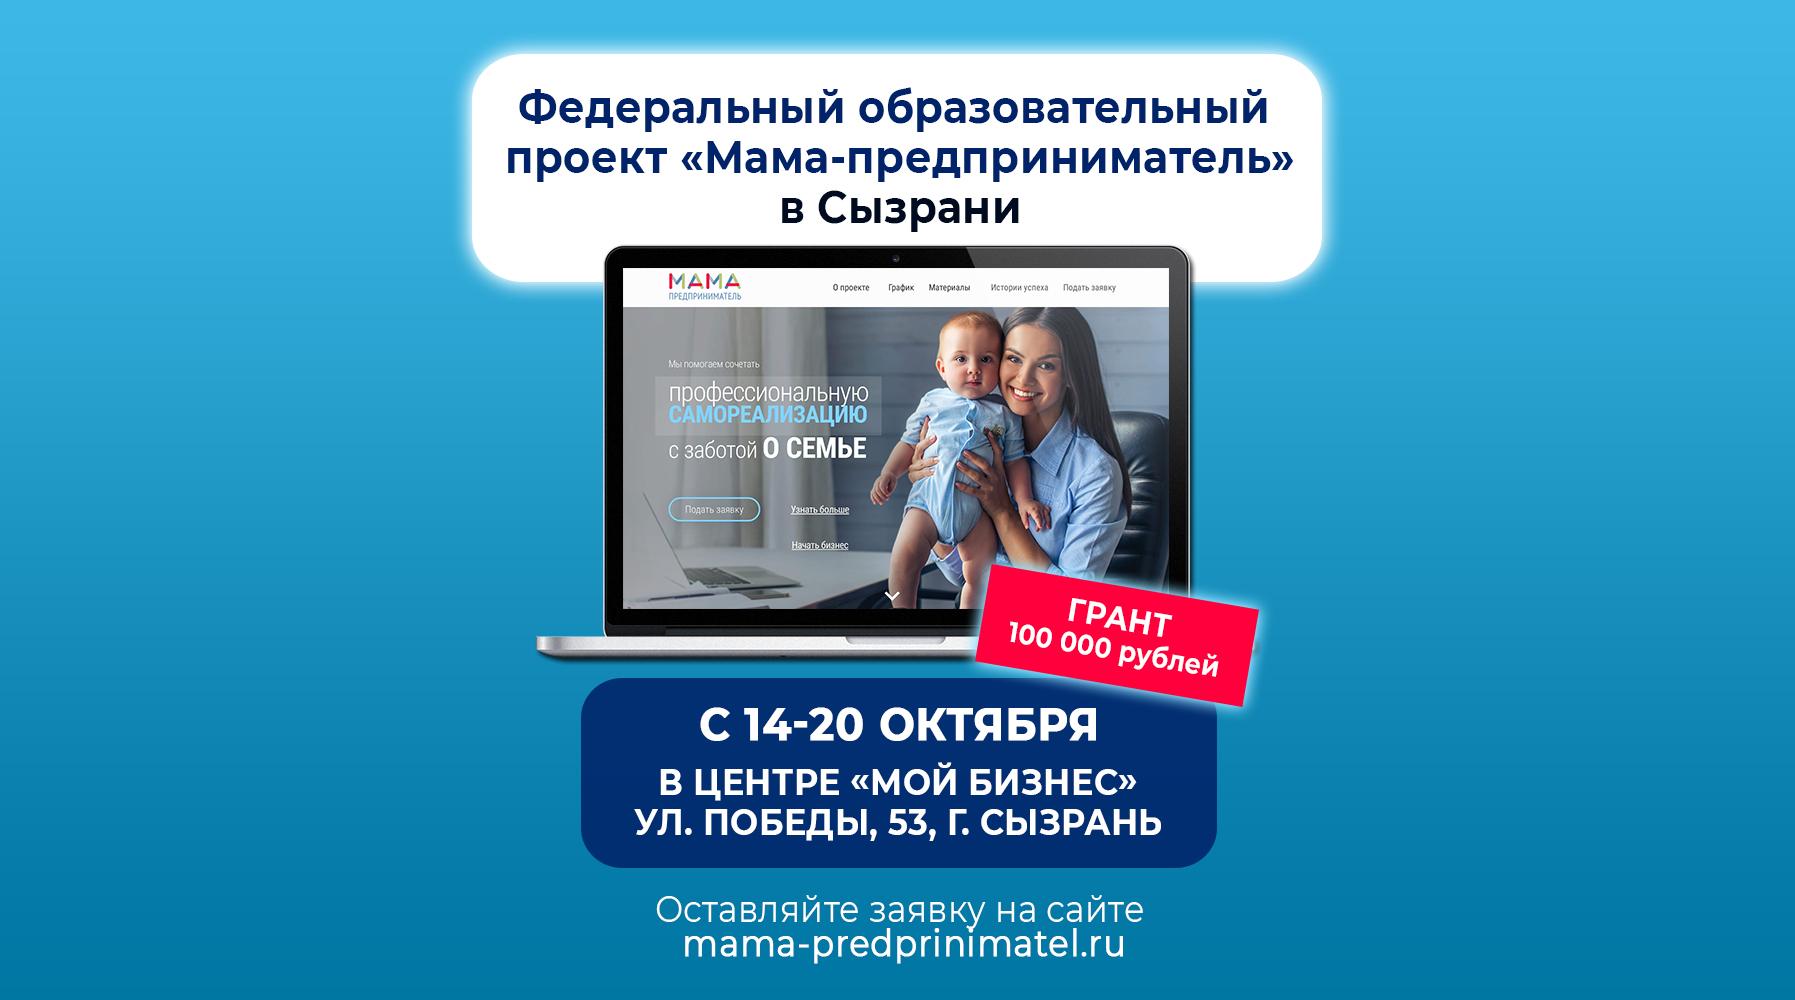 Федеральный образовательный проект «Мама-предприниматель» в Сызрани